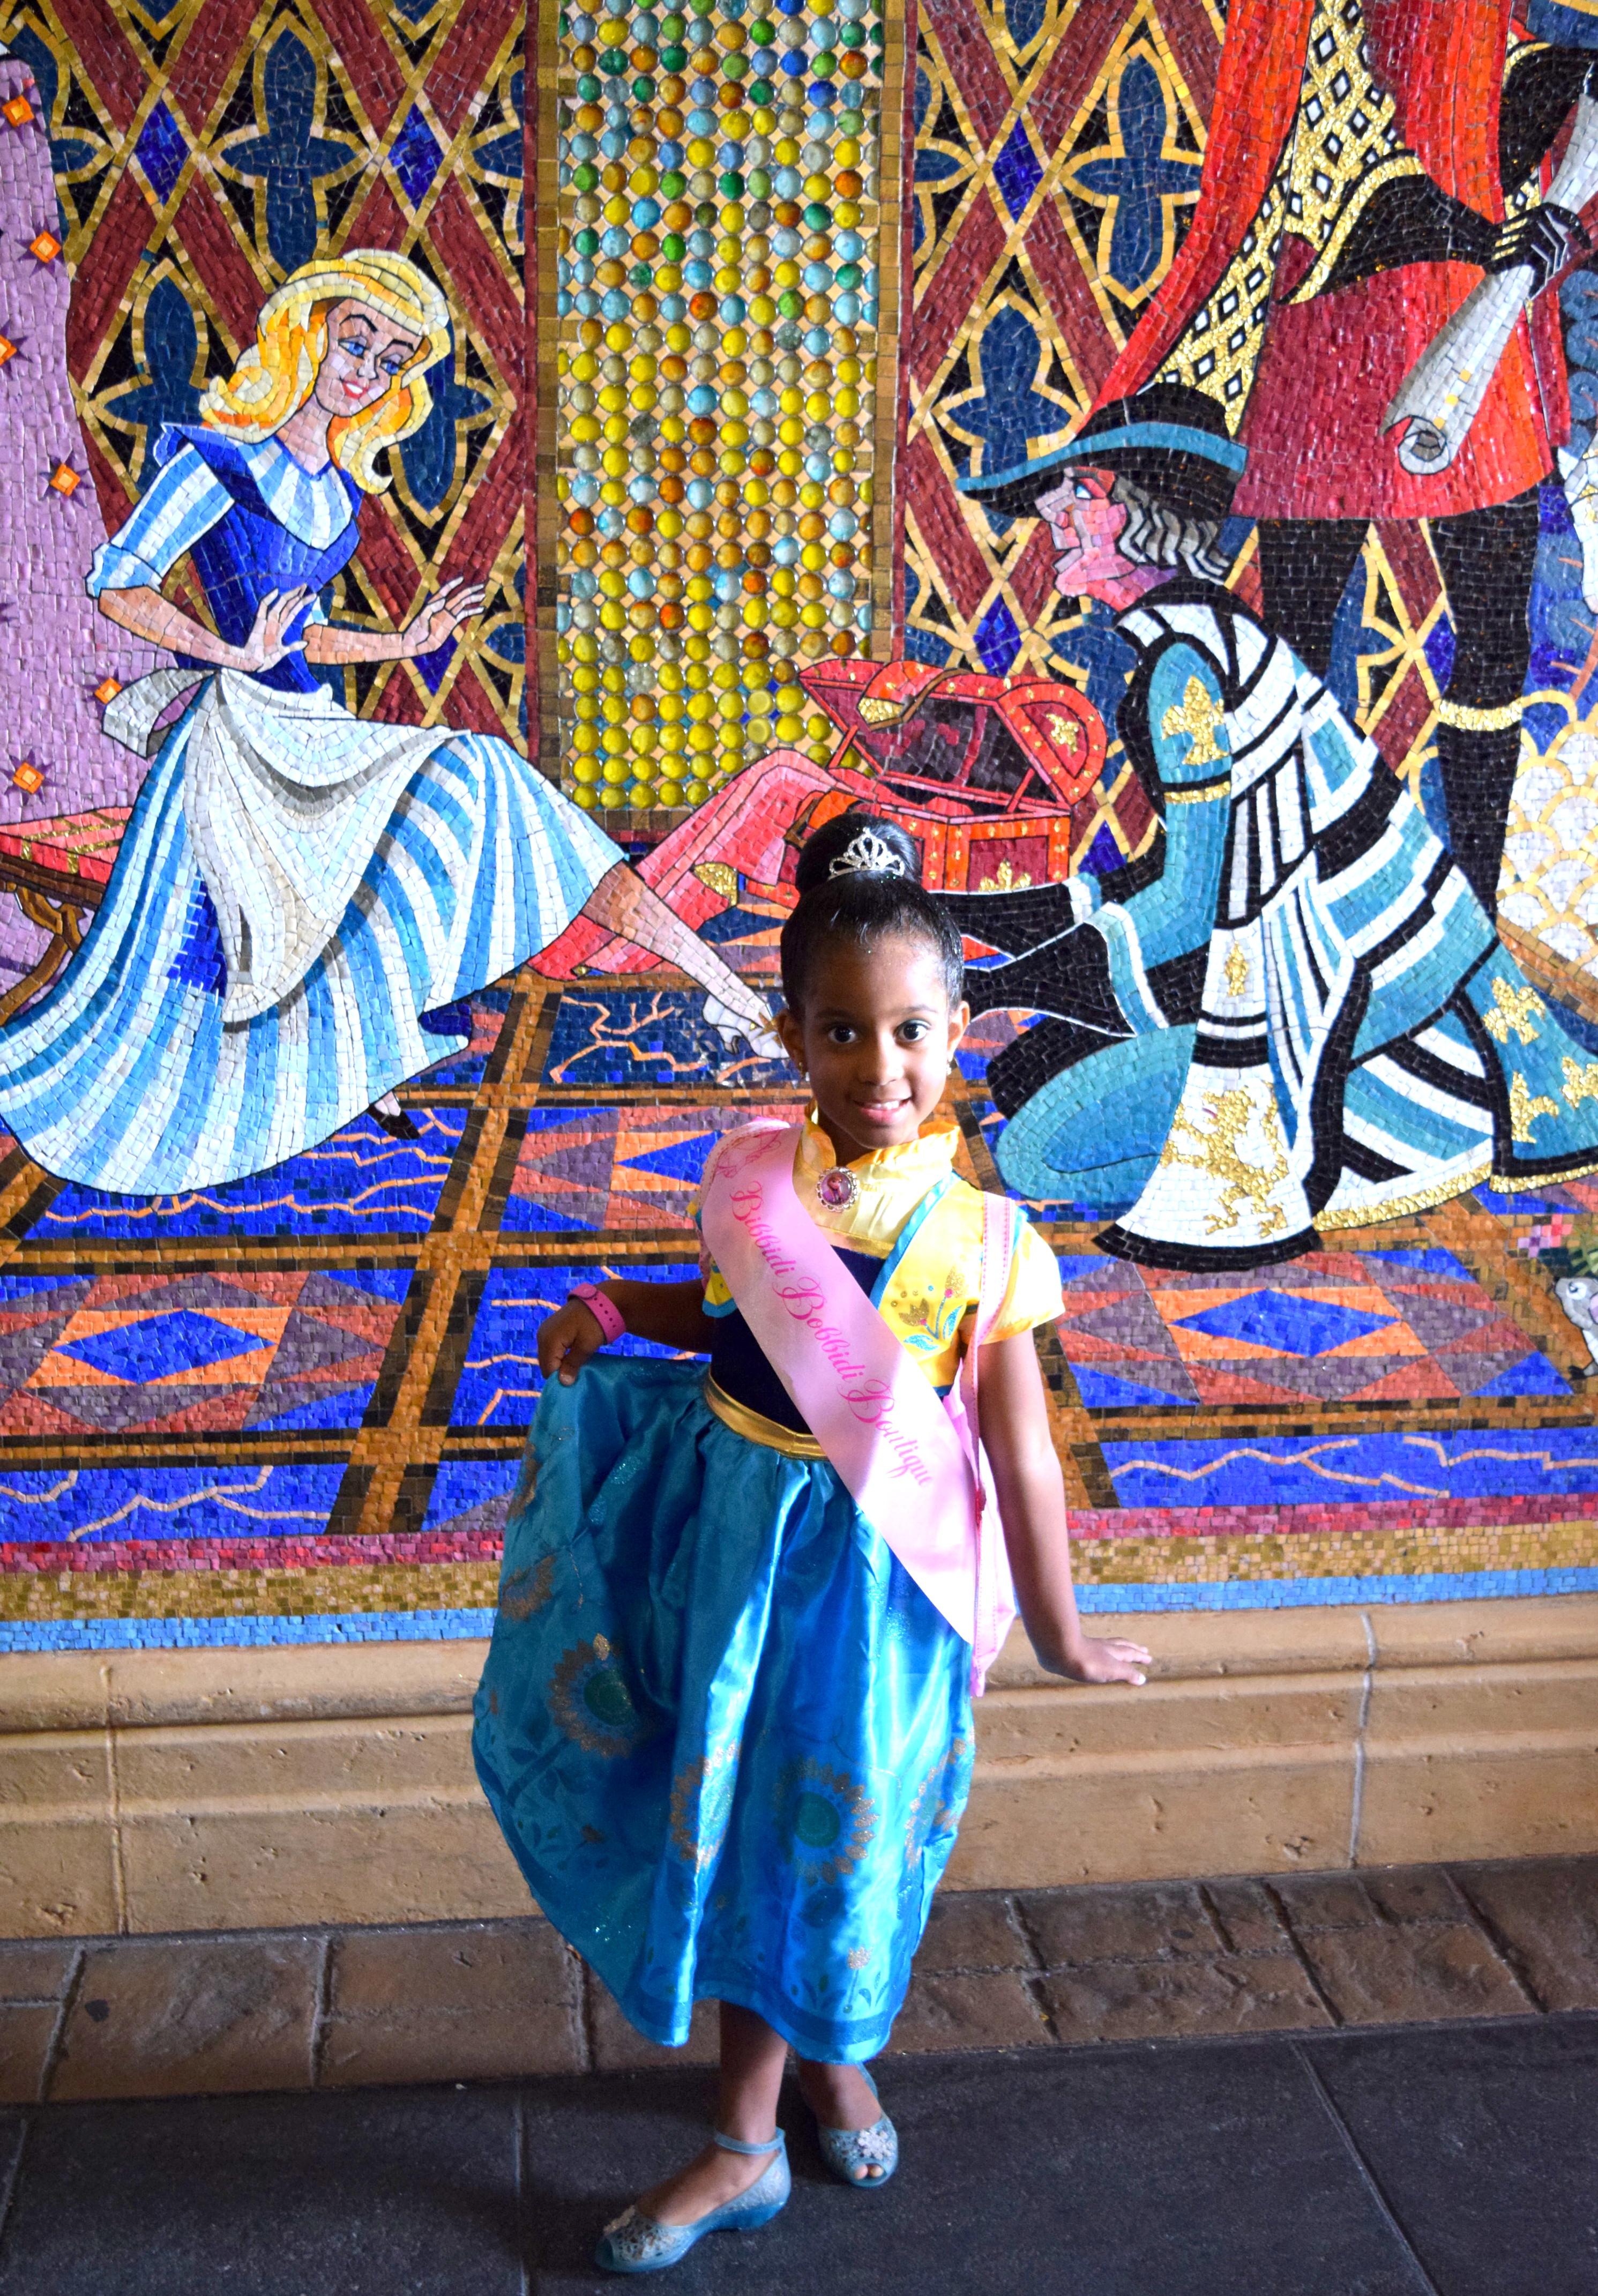 A parede de mosaicos do Castelo da Cinderela, ao lado da Boutique, pode ser um ótimo local para iniciar a sessão de fotos. ;)